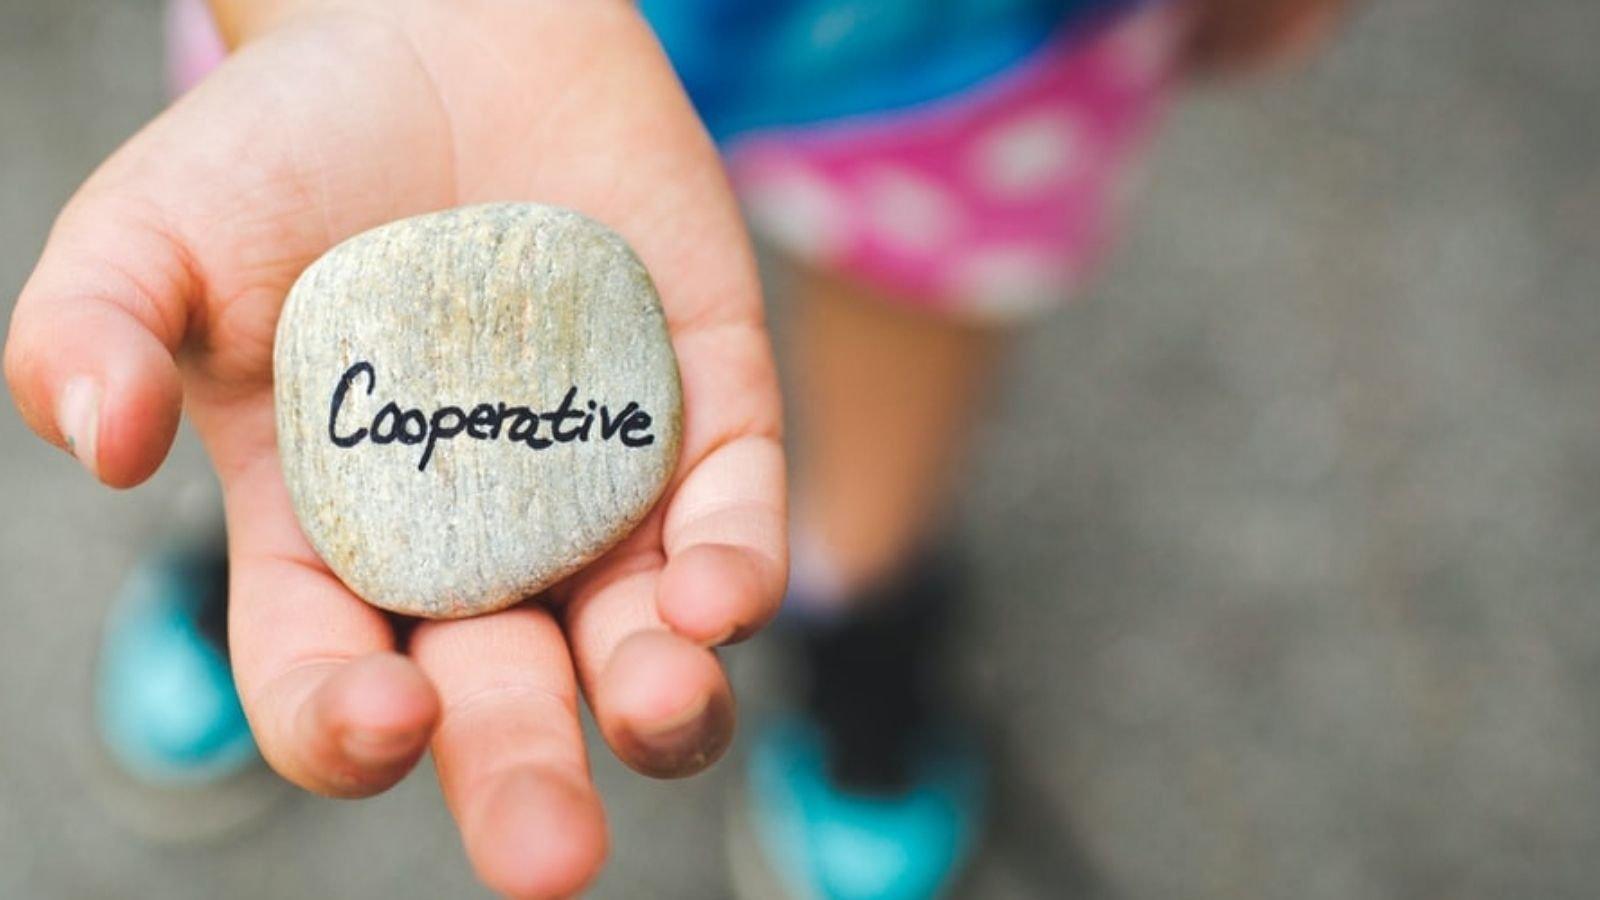 cooperate-1